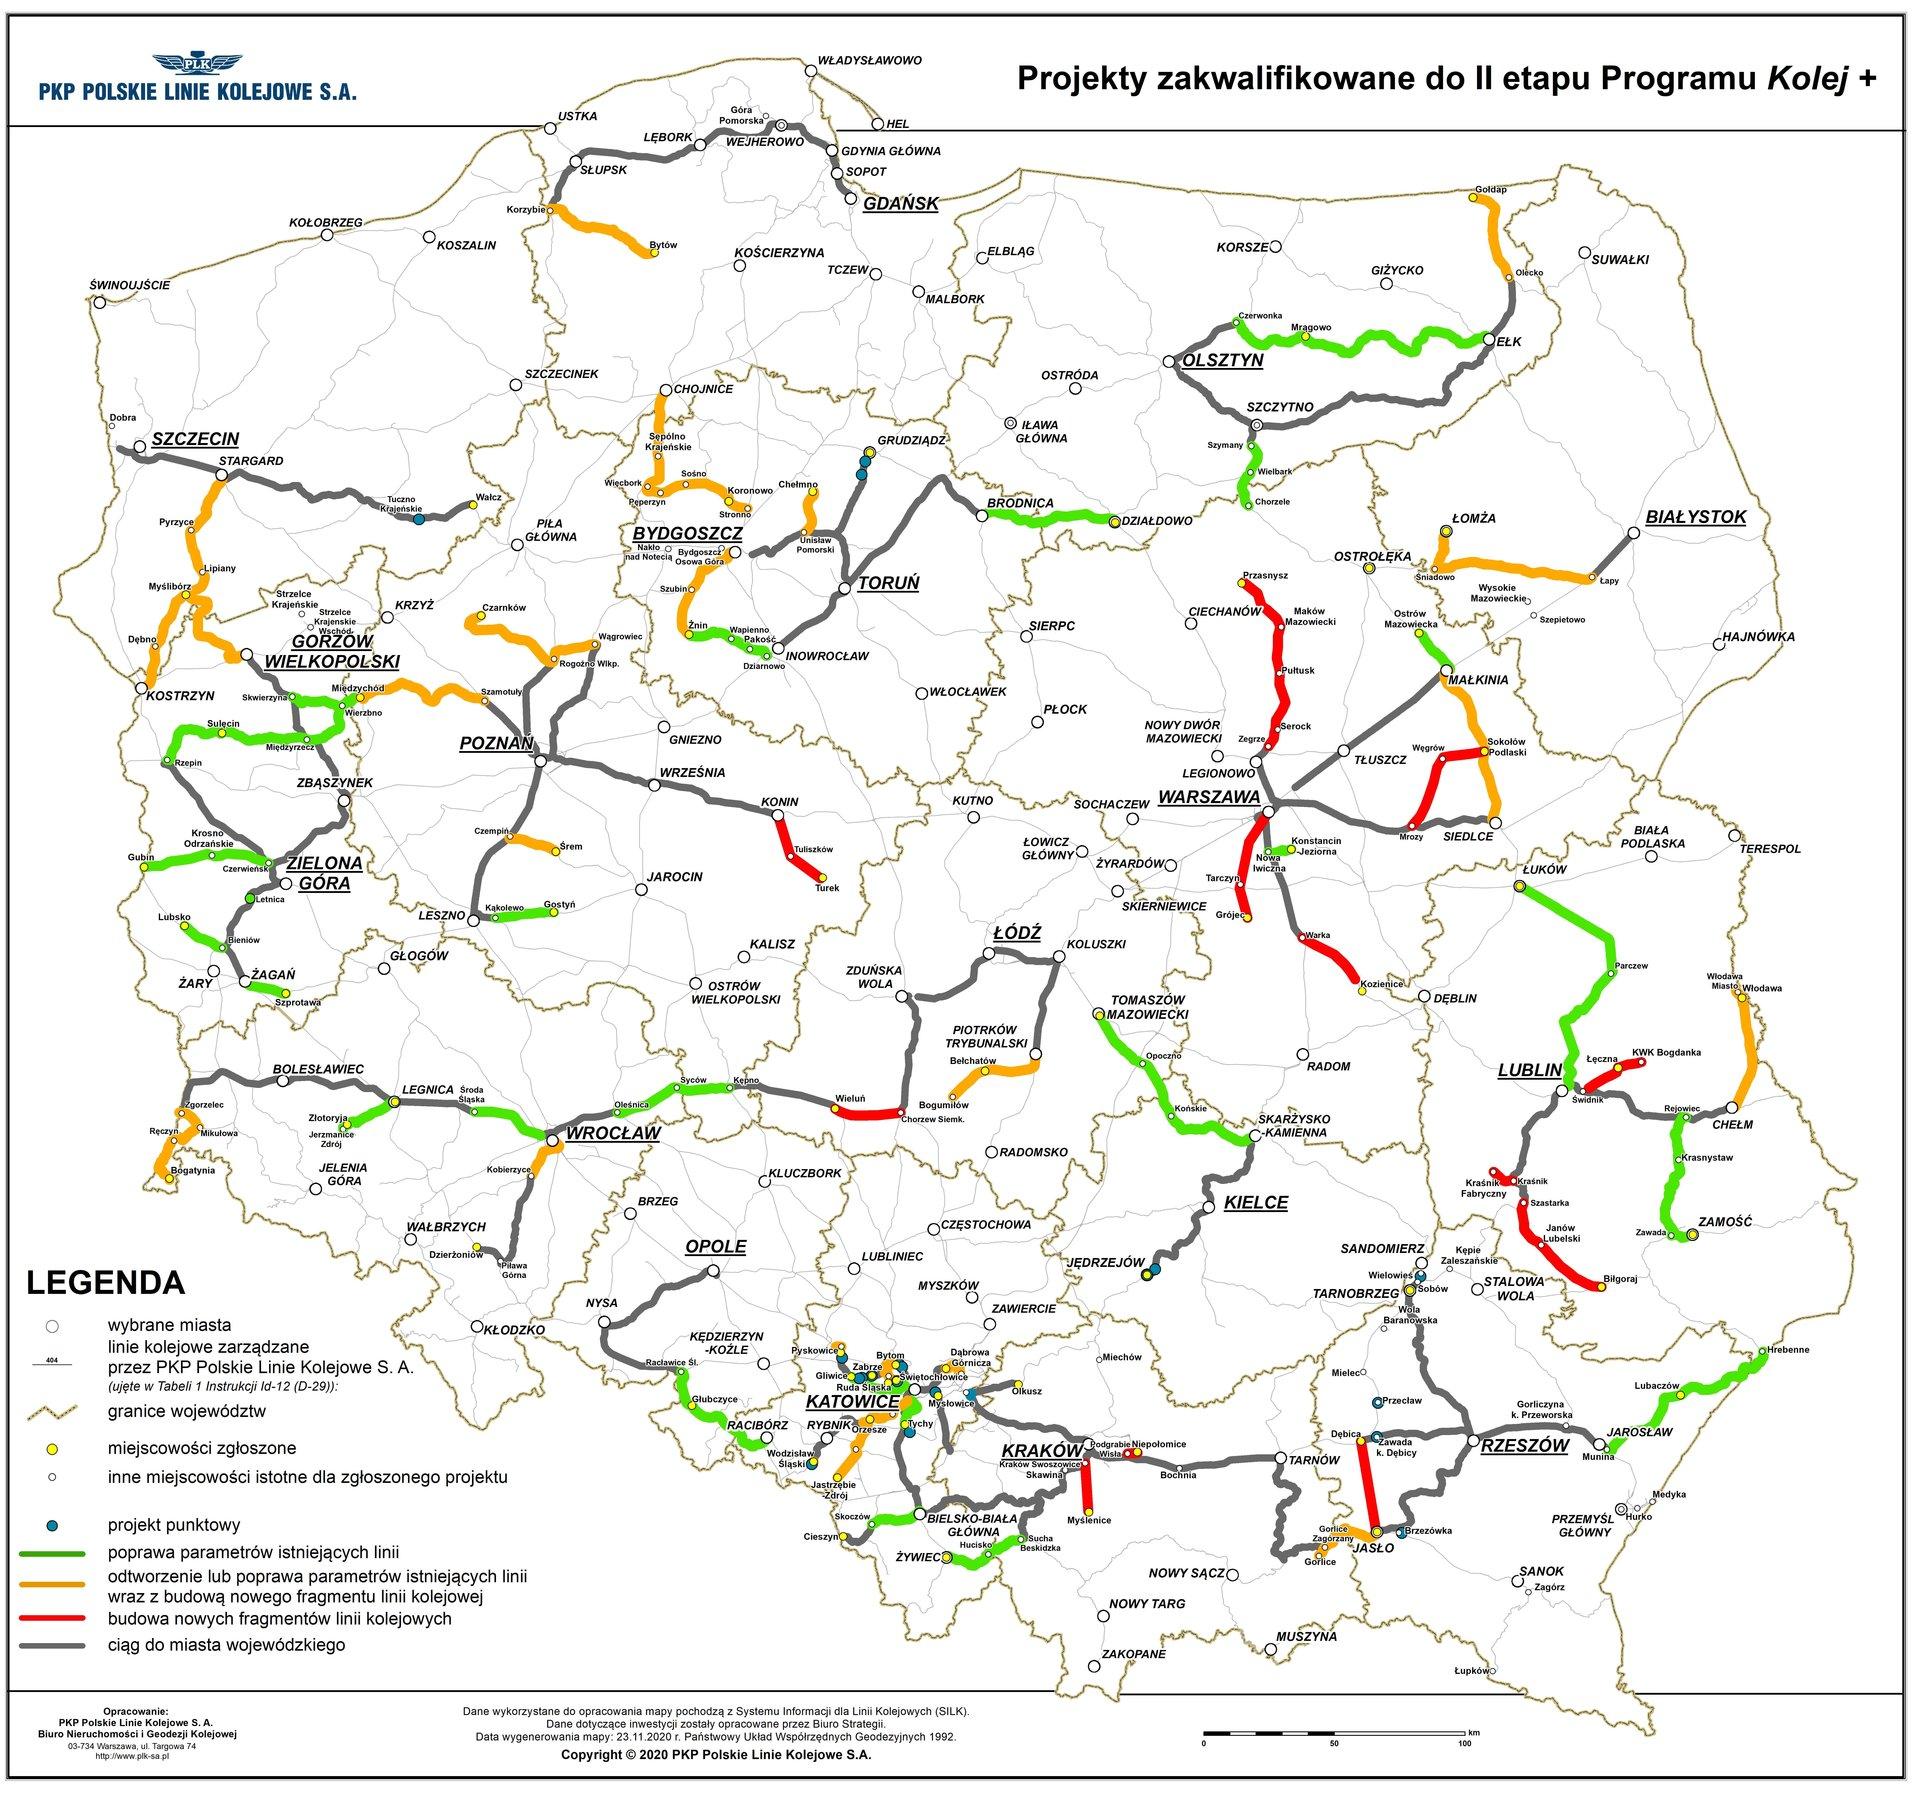 Wygraliśmy PKP Polskie Linie Kolejowe S.A. zakończyły ocenę formalną wniosków zgłoszonych doProgramu Uzupełniania Lokalnej iRegionalnej Infrastruktury Kolejowej Kolej + do2028 roku. 79 zgłoszonych propozycji wtym zapowiadaną przeze mnie nowa linia kolejowa relacji Bydgoszcz - Koronowo - Sośno - Pęperzyn - Więcbork - Sępólno Kr - Kamień K. - Chojnice, które spełnia kryteria icele Programu ijest zakwalifikowana doII etapu naboru,co potwierdza załączona mapa. Tomasz Roman Bracka